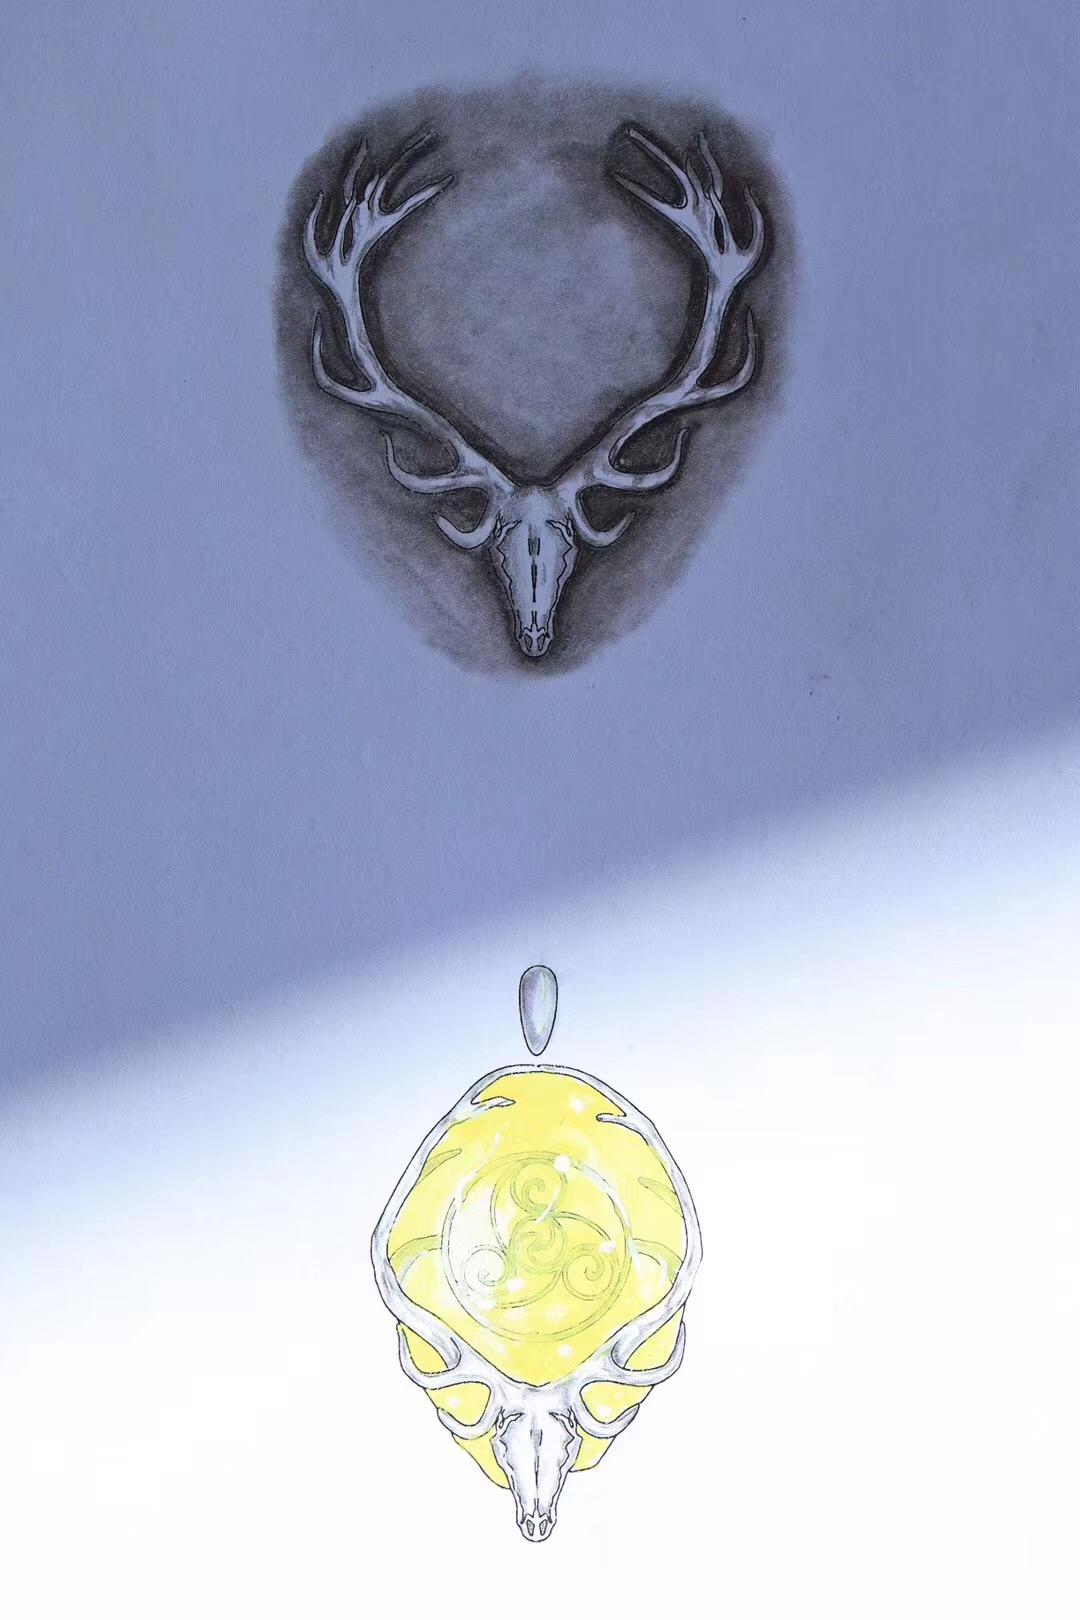 【利比亚黄金陨石】菩心晶舍用充满能量的晶石守护你-菩心晶舍